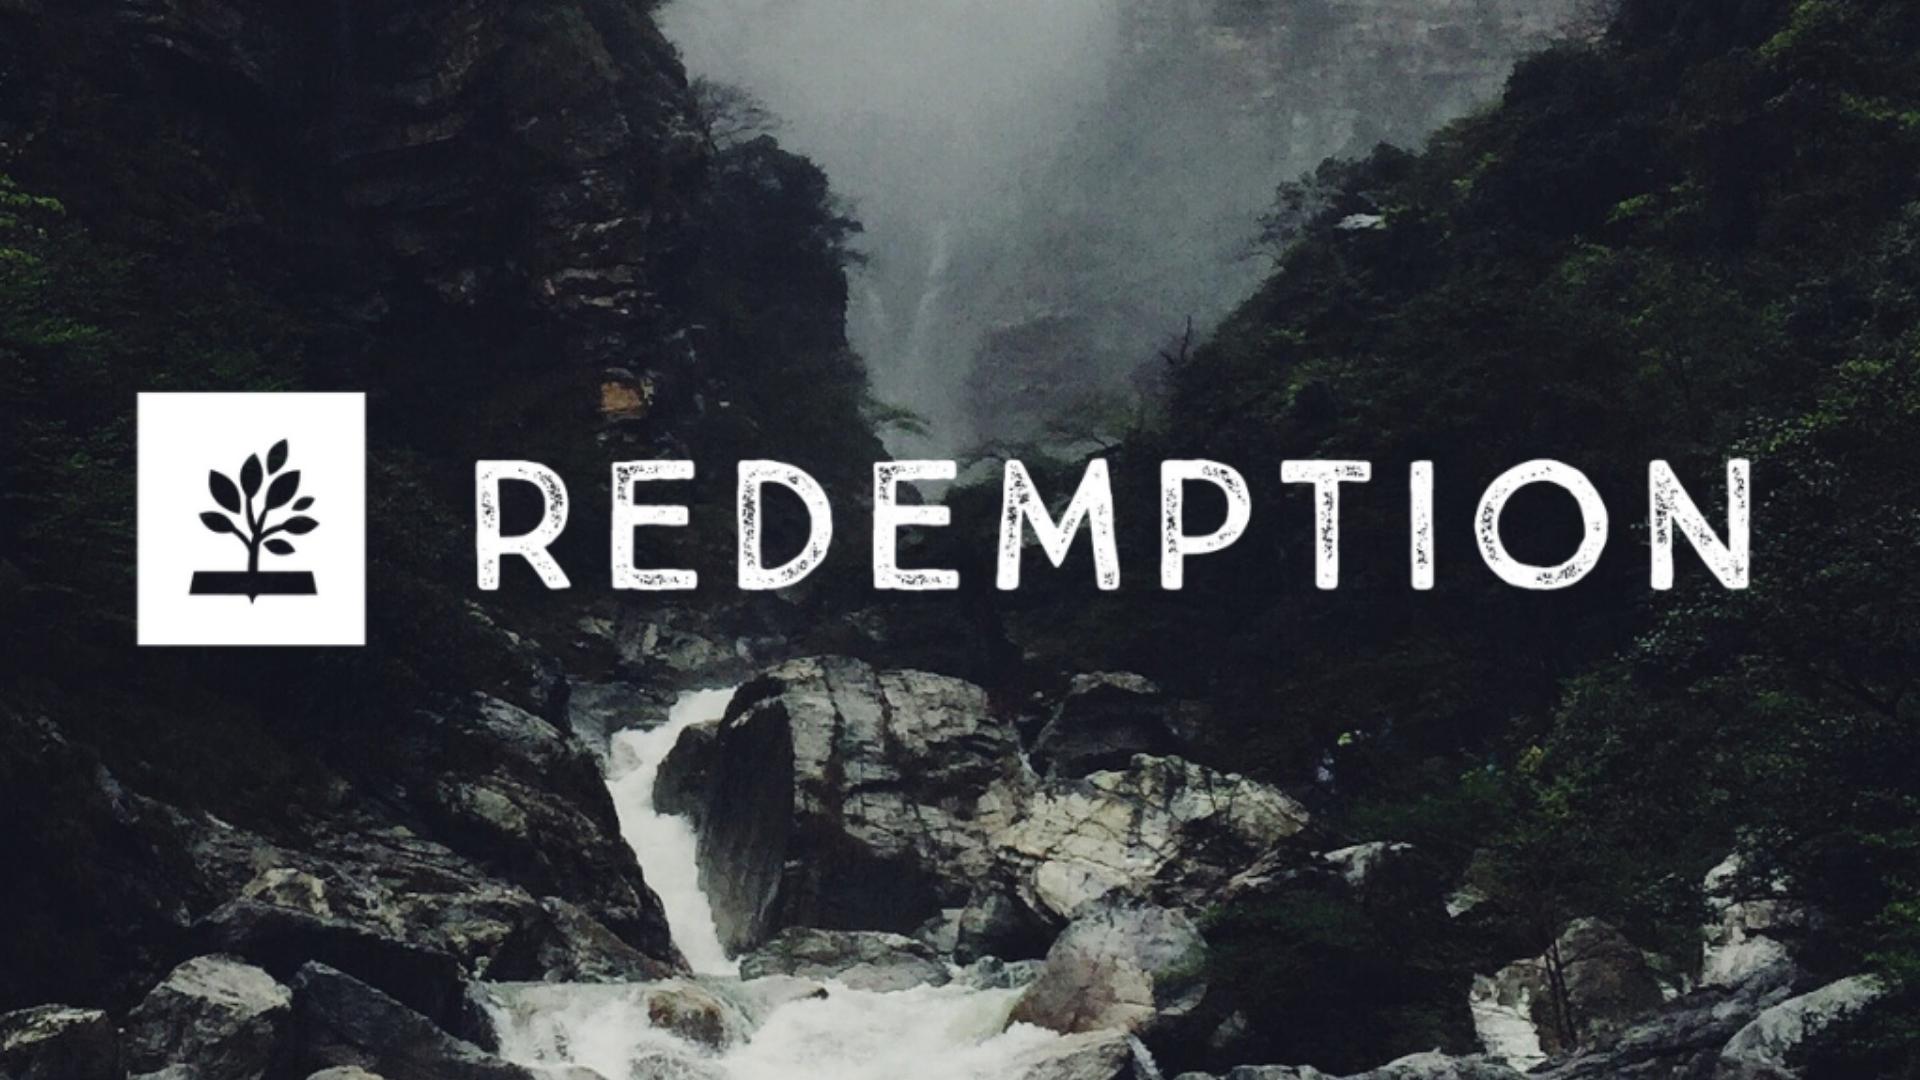 Redemption Winter 2019 image